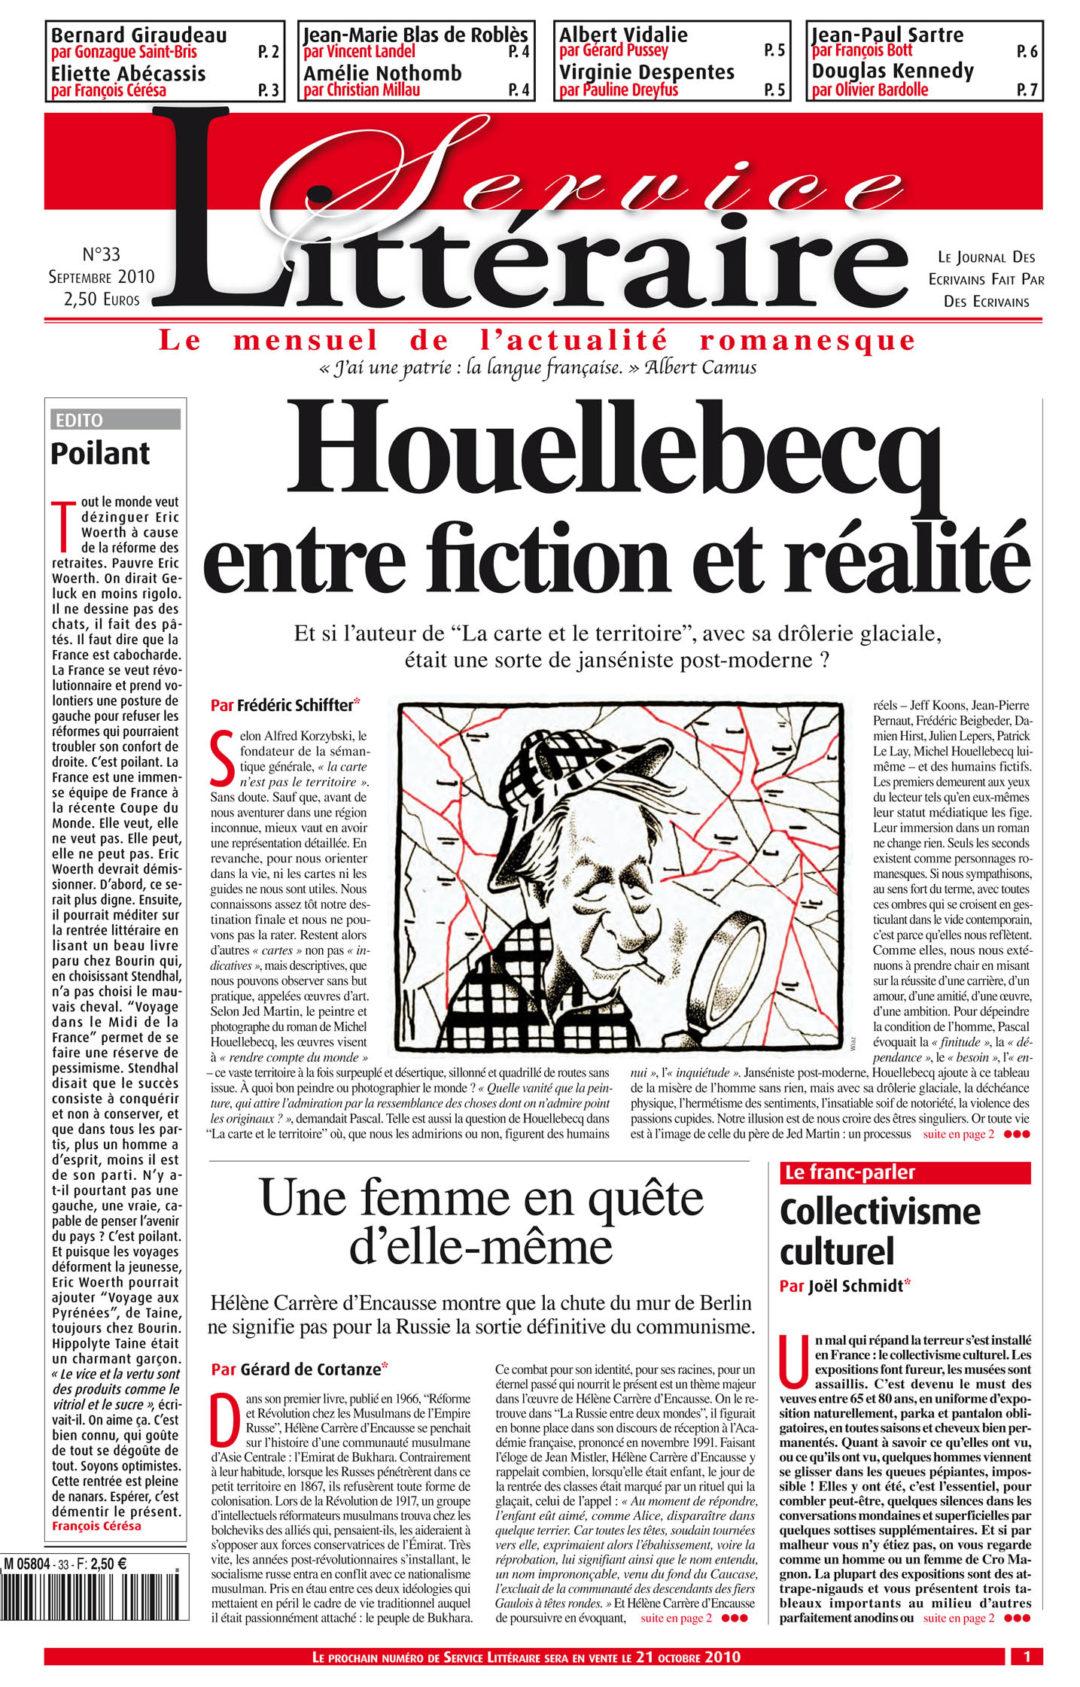 Houellebecq entre fiction et réalité